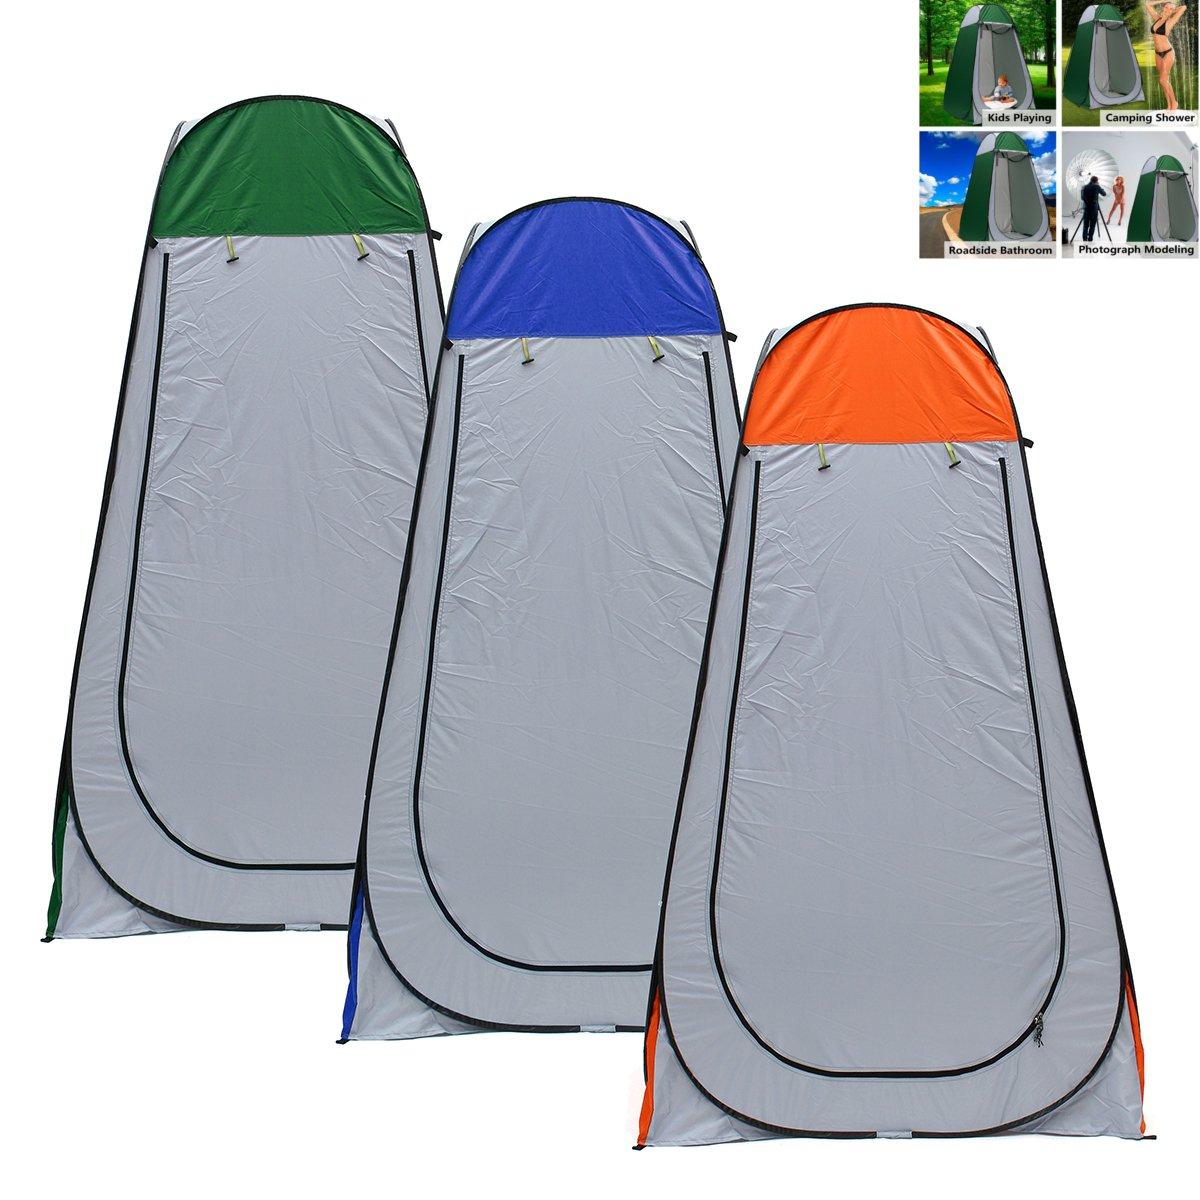 Plat Firm 1.2x1.2x1.9m Portable Pop-up Zelt Camping Reise WC Dusche im Freien Shelter